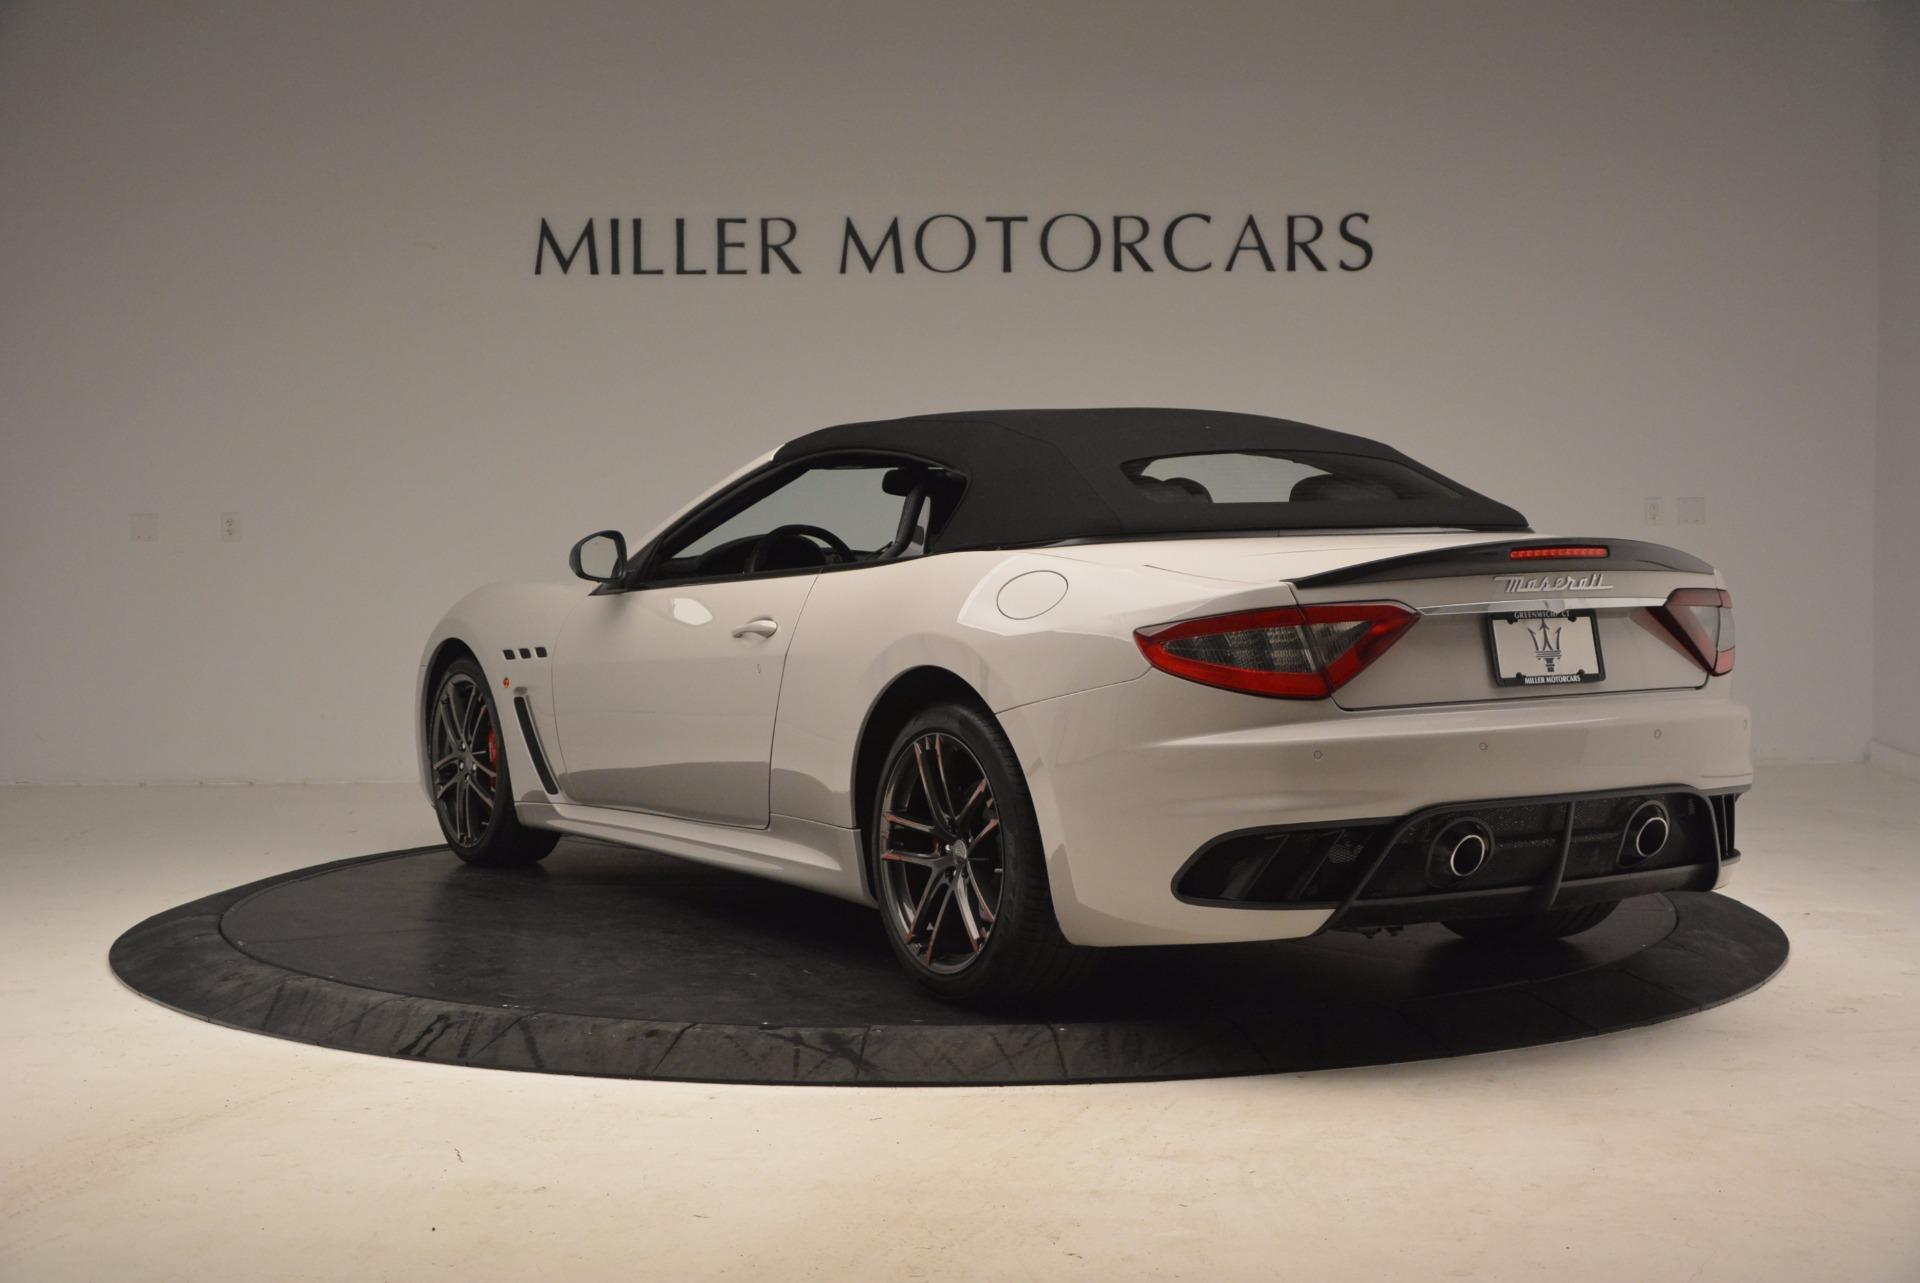 Used 2015 Maserati GranTurismo MC Centennial For Sale In Greenwich, CT 1107_p17